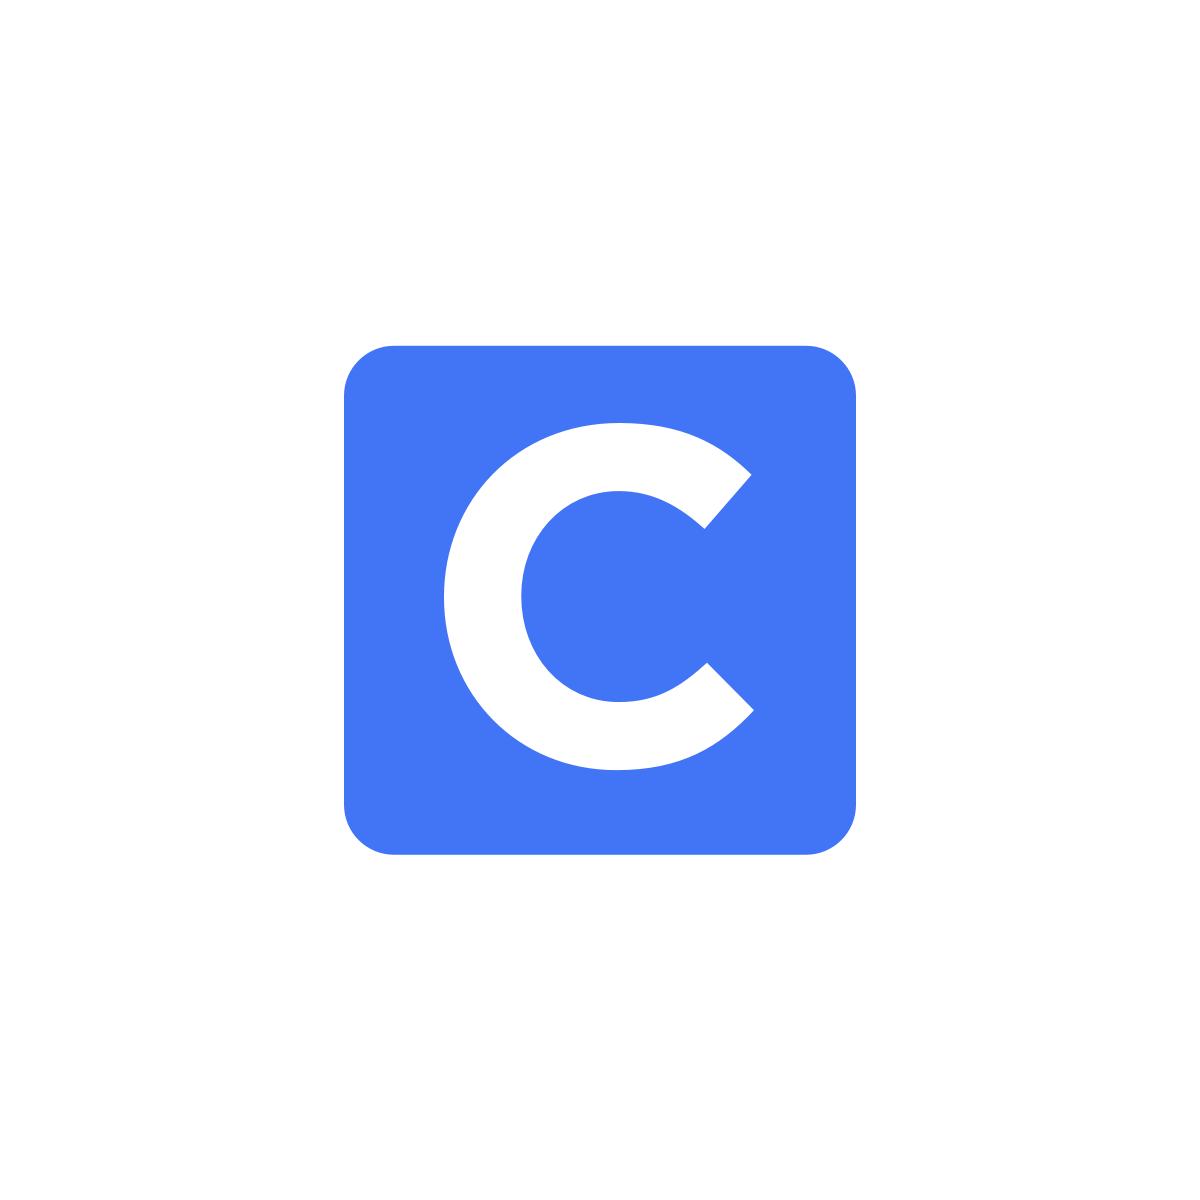 clever.com Favicon